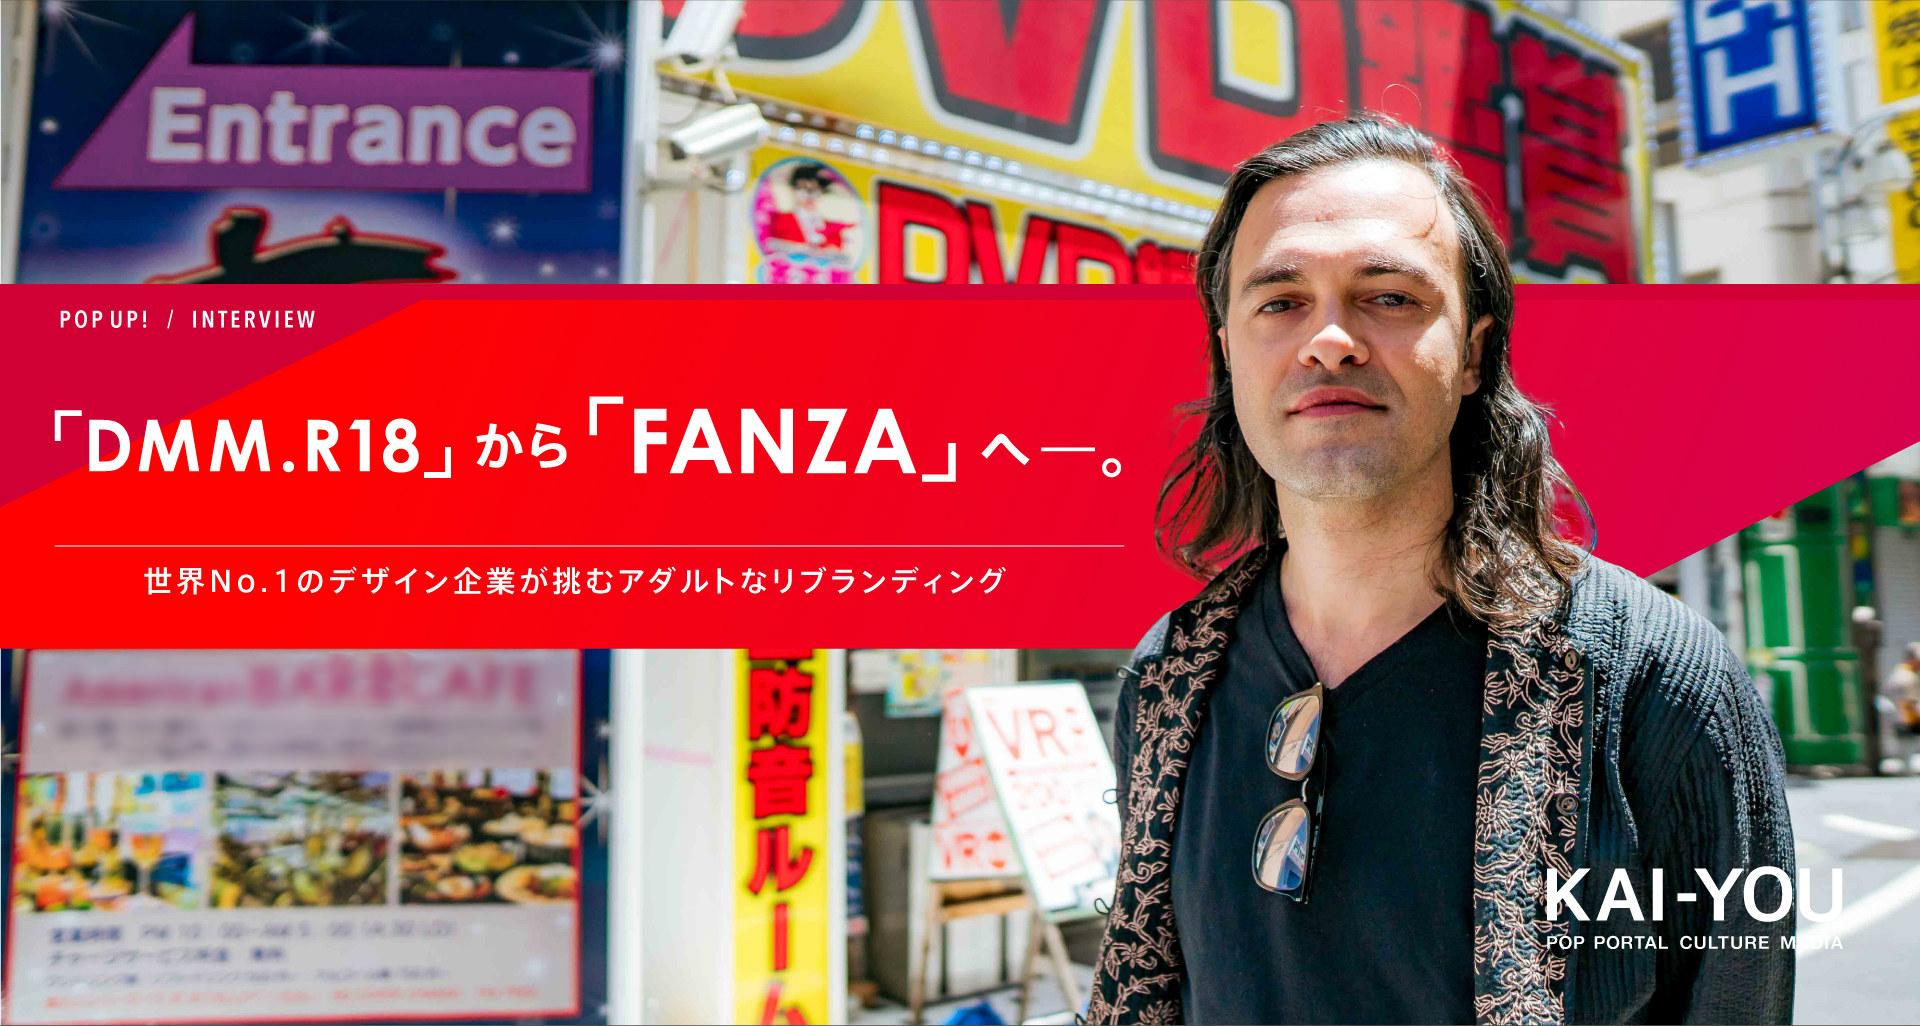 「DMM.R18」から「FANZA」へ 世界No.1のデザイン企業が挑むアダルトなリブランディング